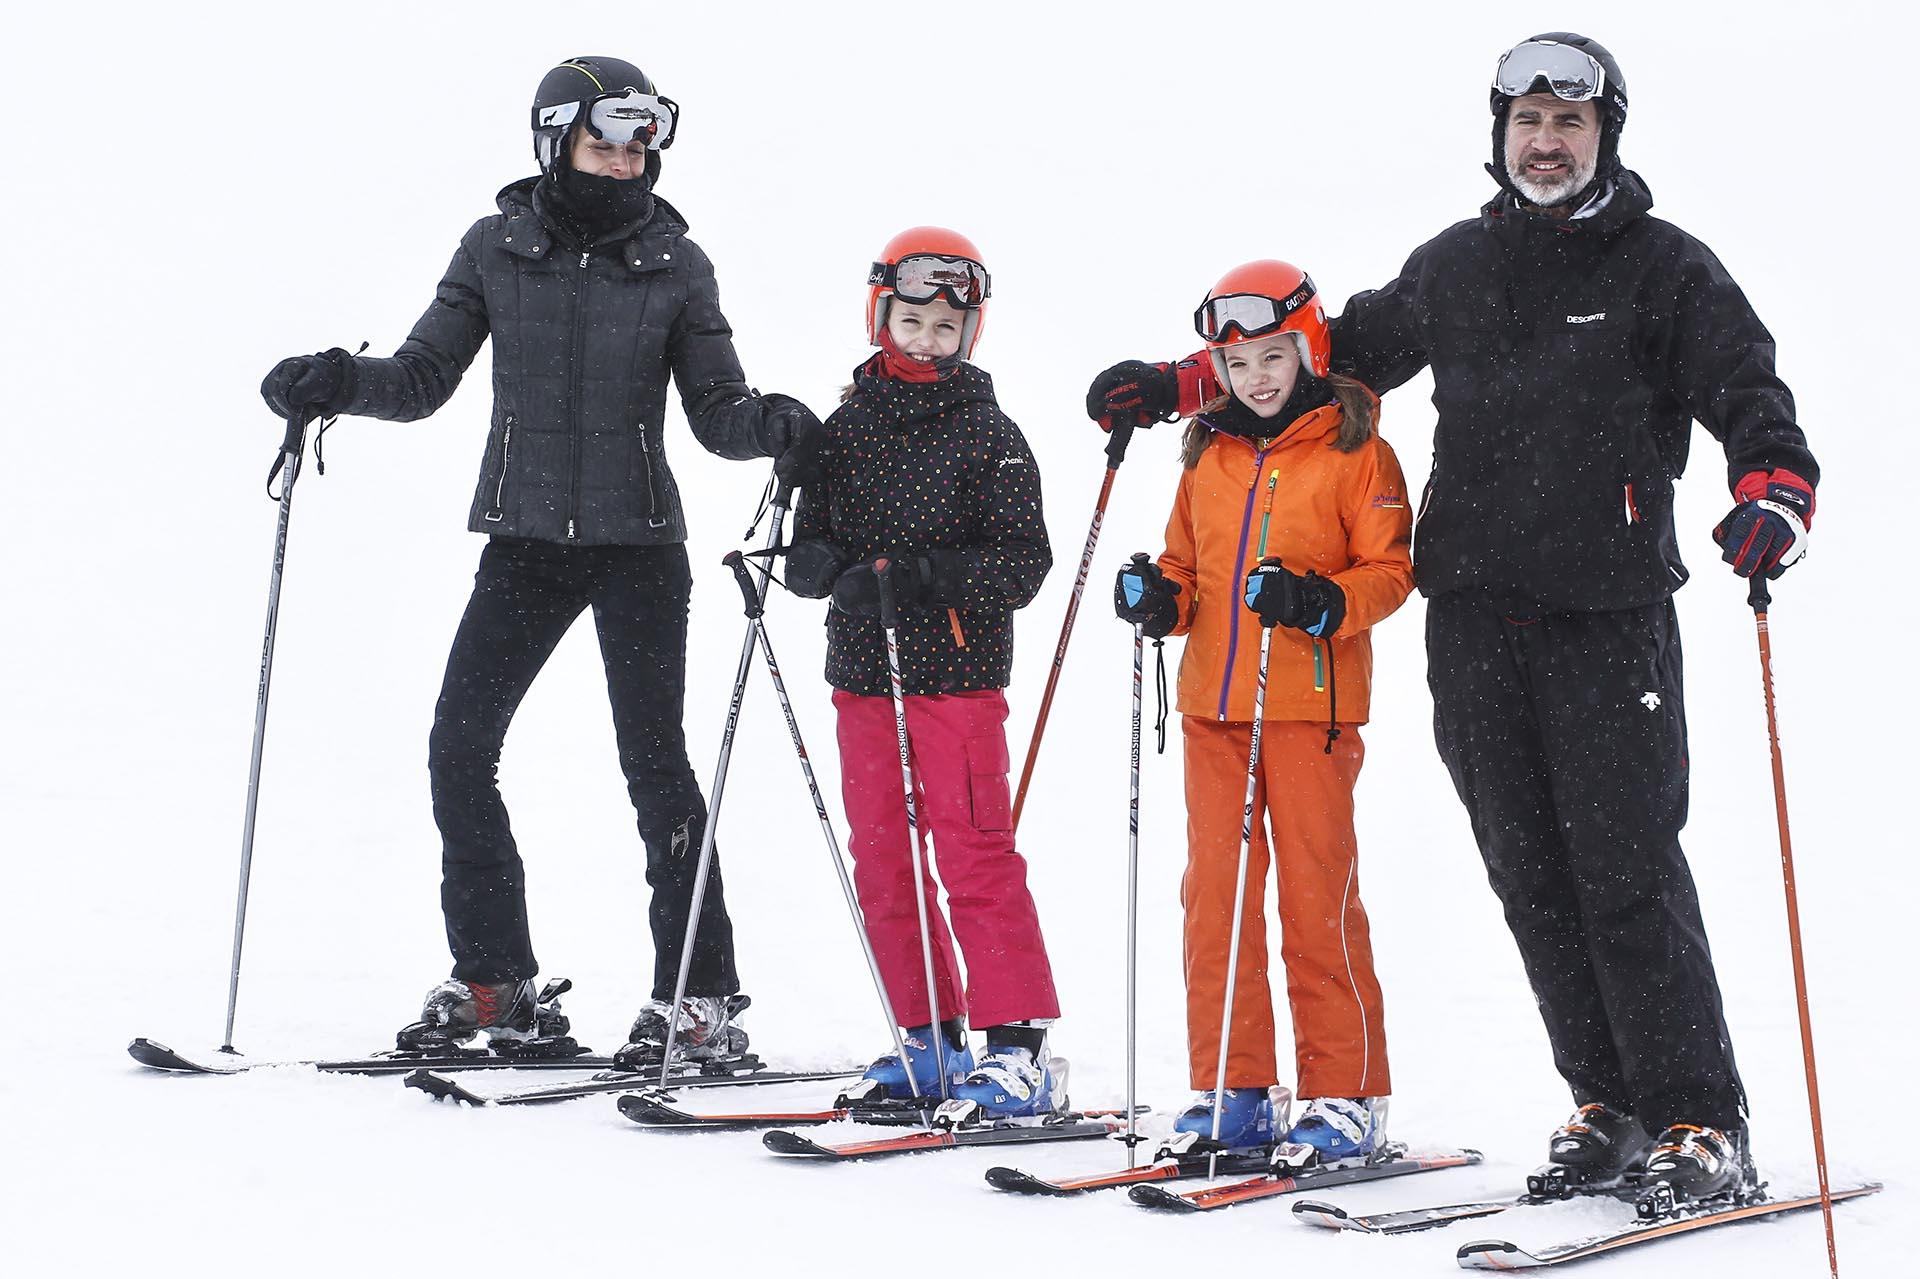 Felipe siempre se dedicó a las actividades deportivas por lo que comparte sus vacaciones en familia con viajes a la nieve.